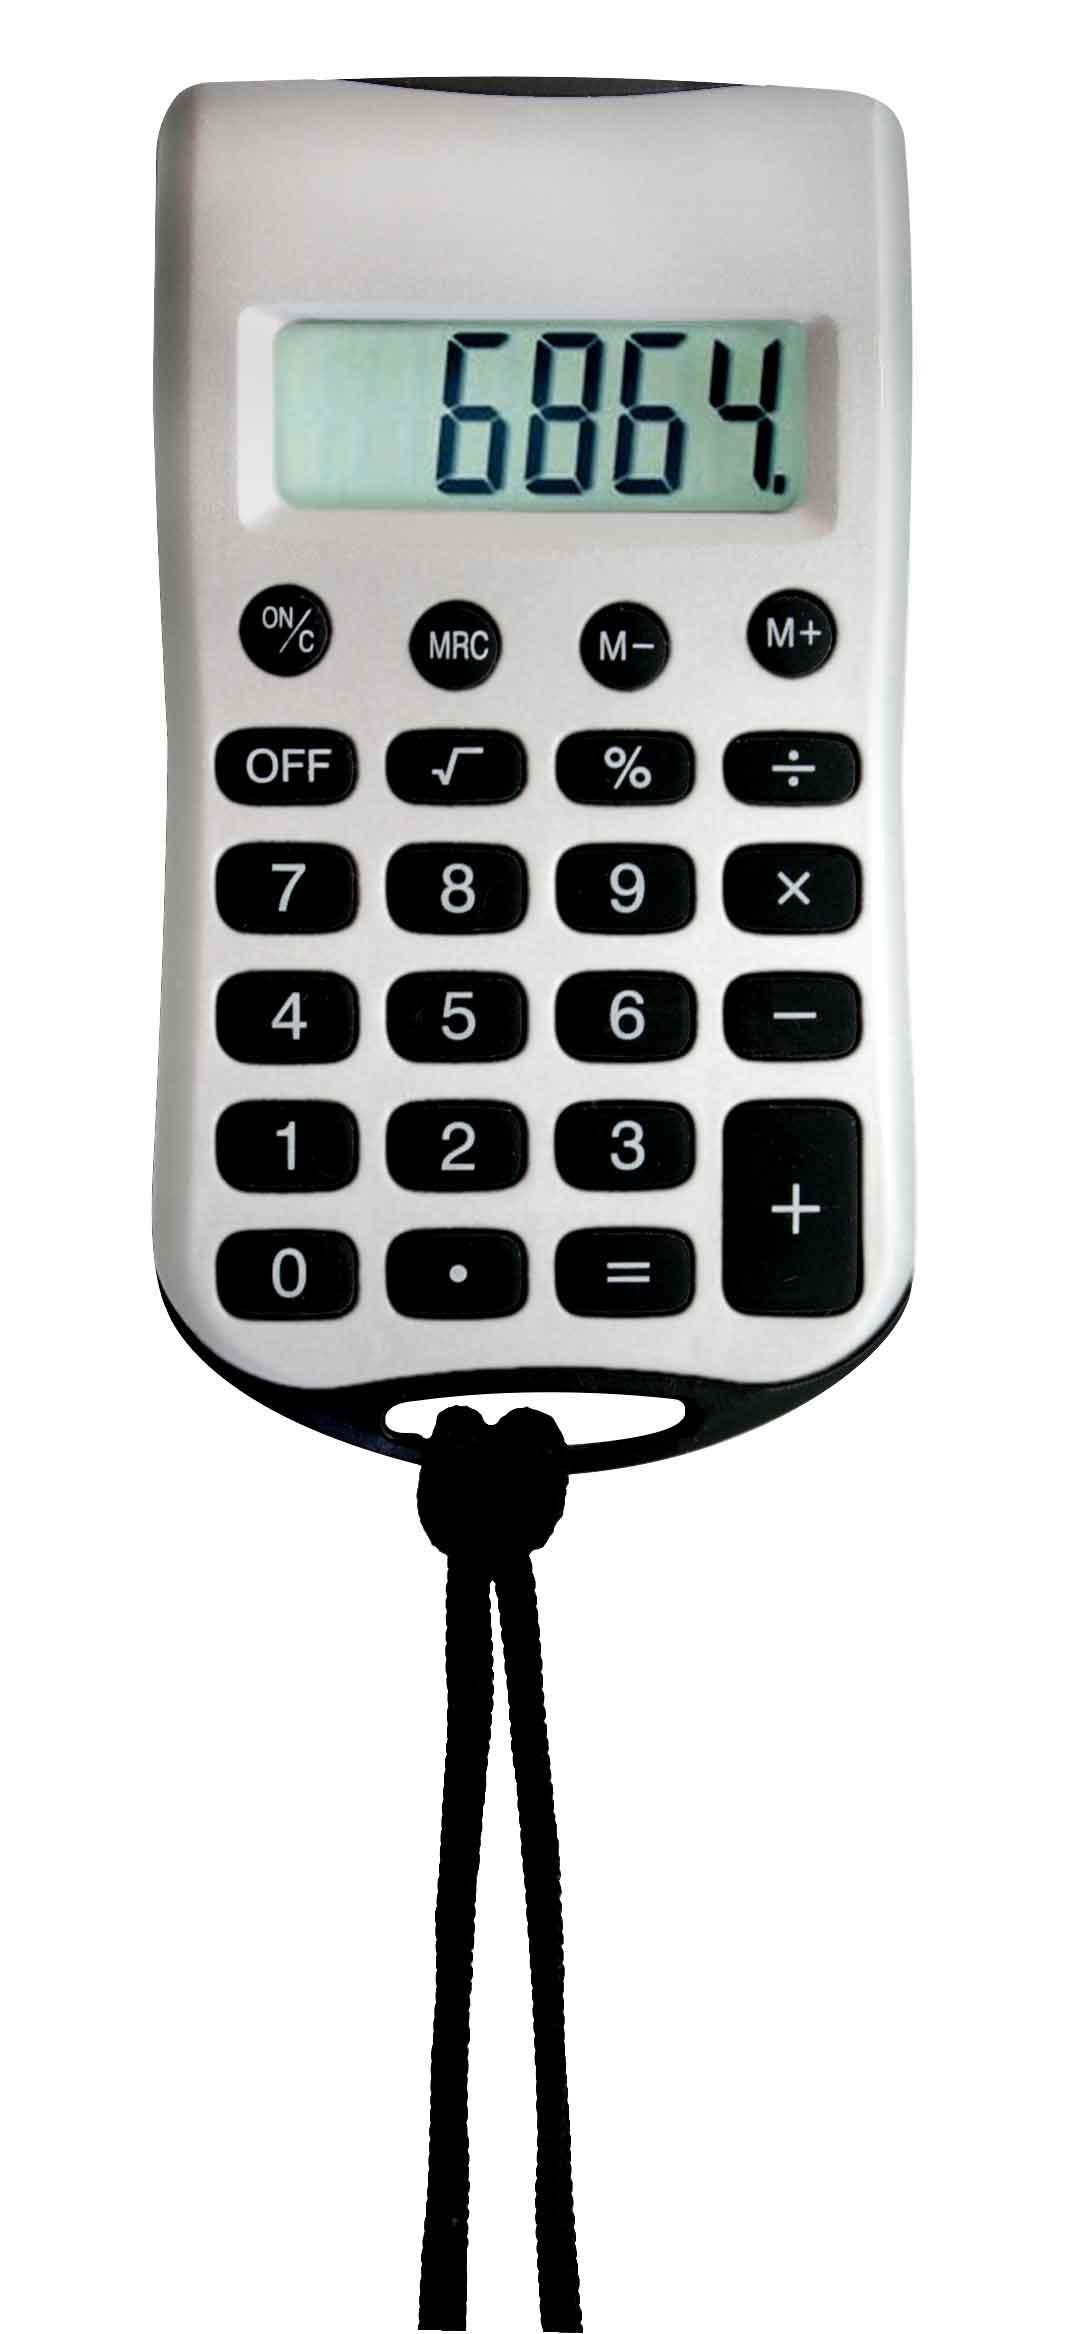 Calculadora Texas, de bolsillo con cordon. Medidas: 9.8 x 5.3 CM